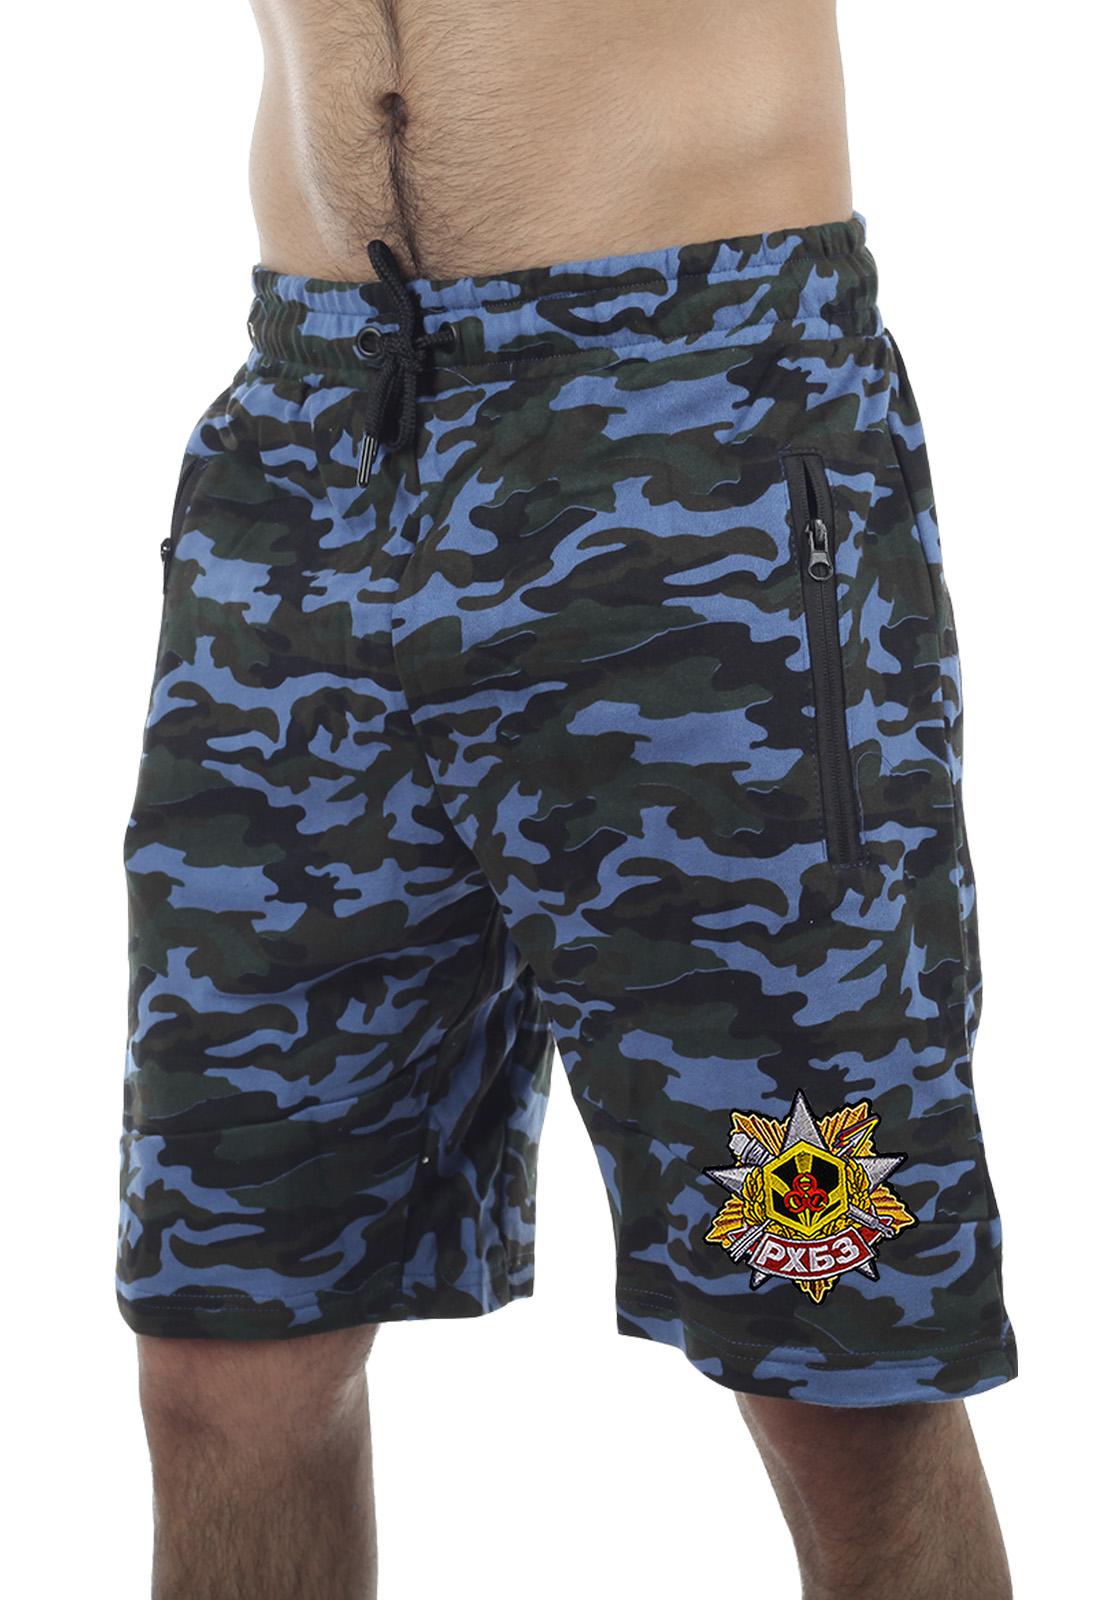 Купить надежные оригинальные шорты с нашивкой РХБЗ по специальной цене